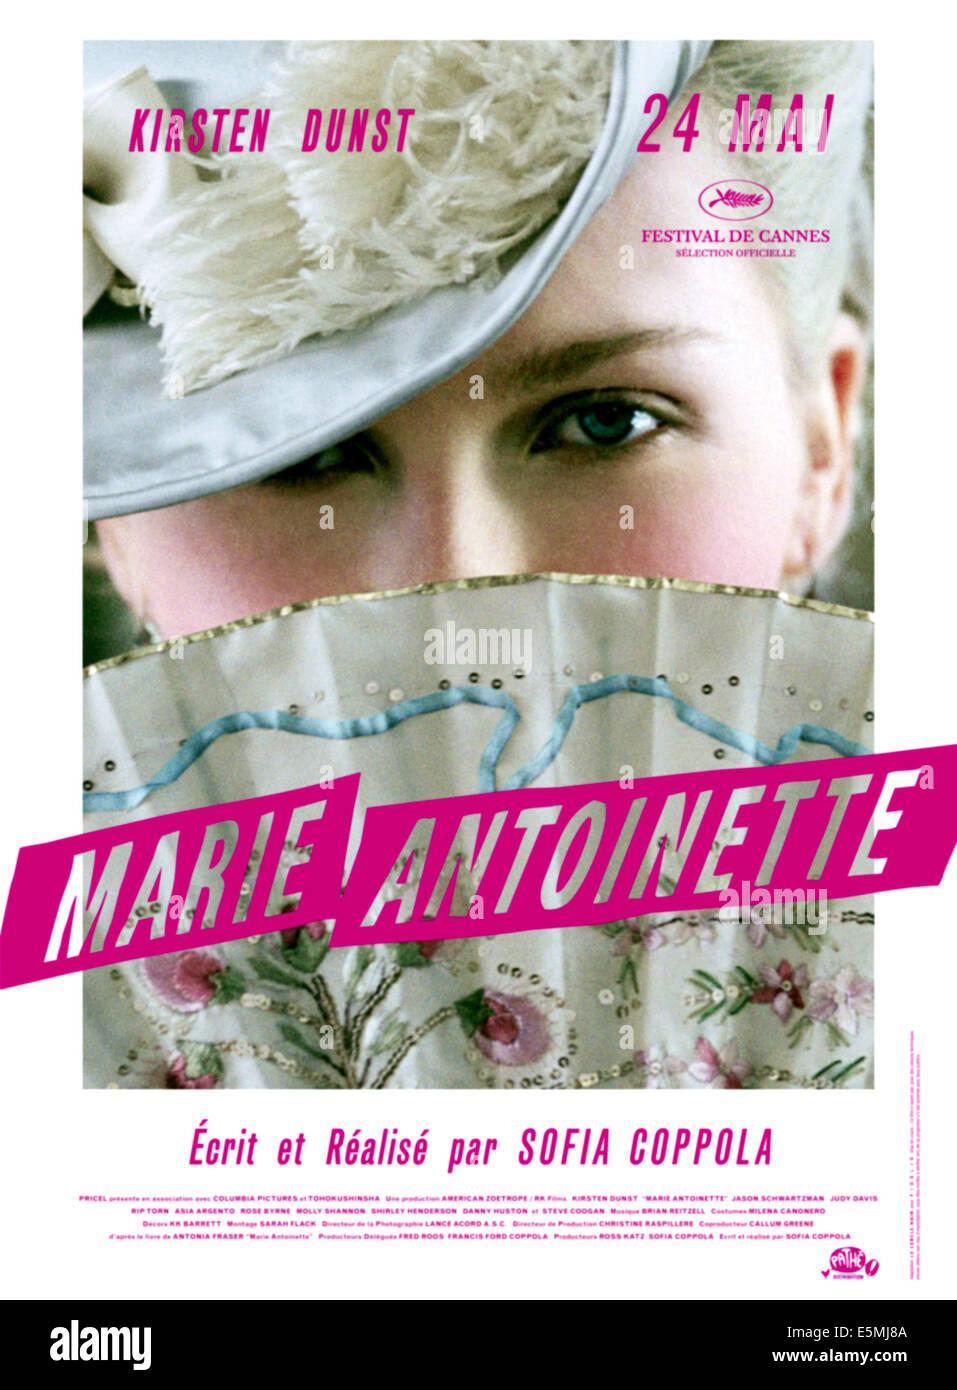 Marie Antoinette Fan Immagini   Marie Antoinette Fan Fotos Stock - Alamy 71592c5bd409